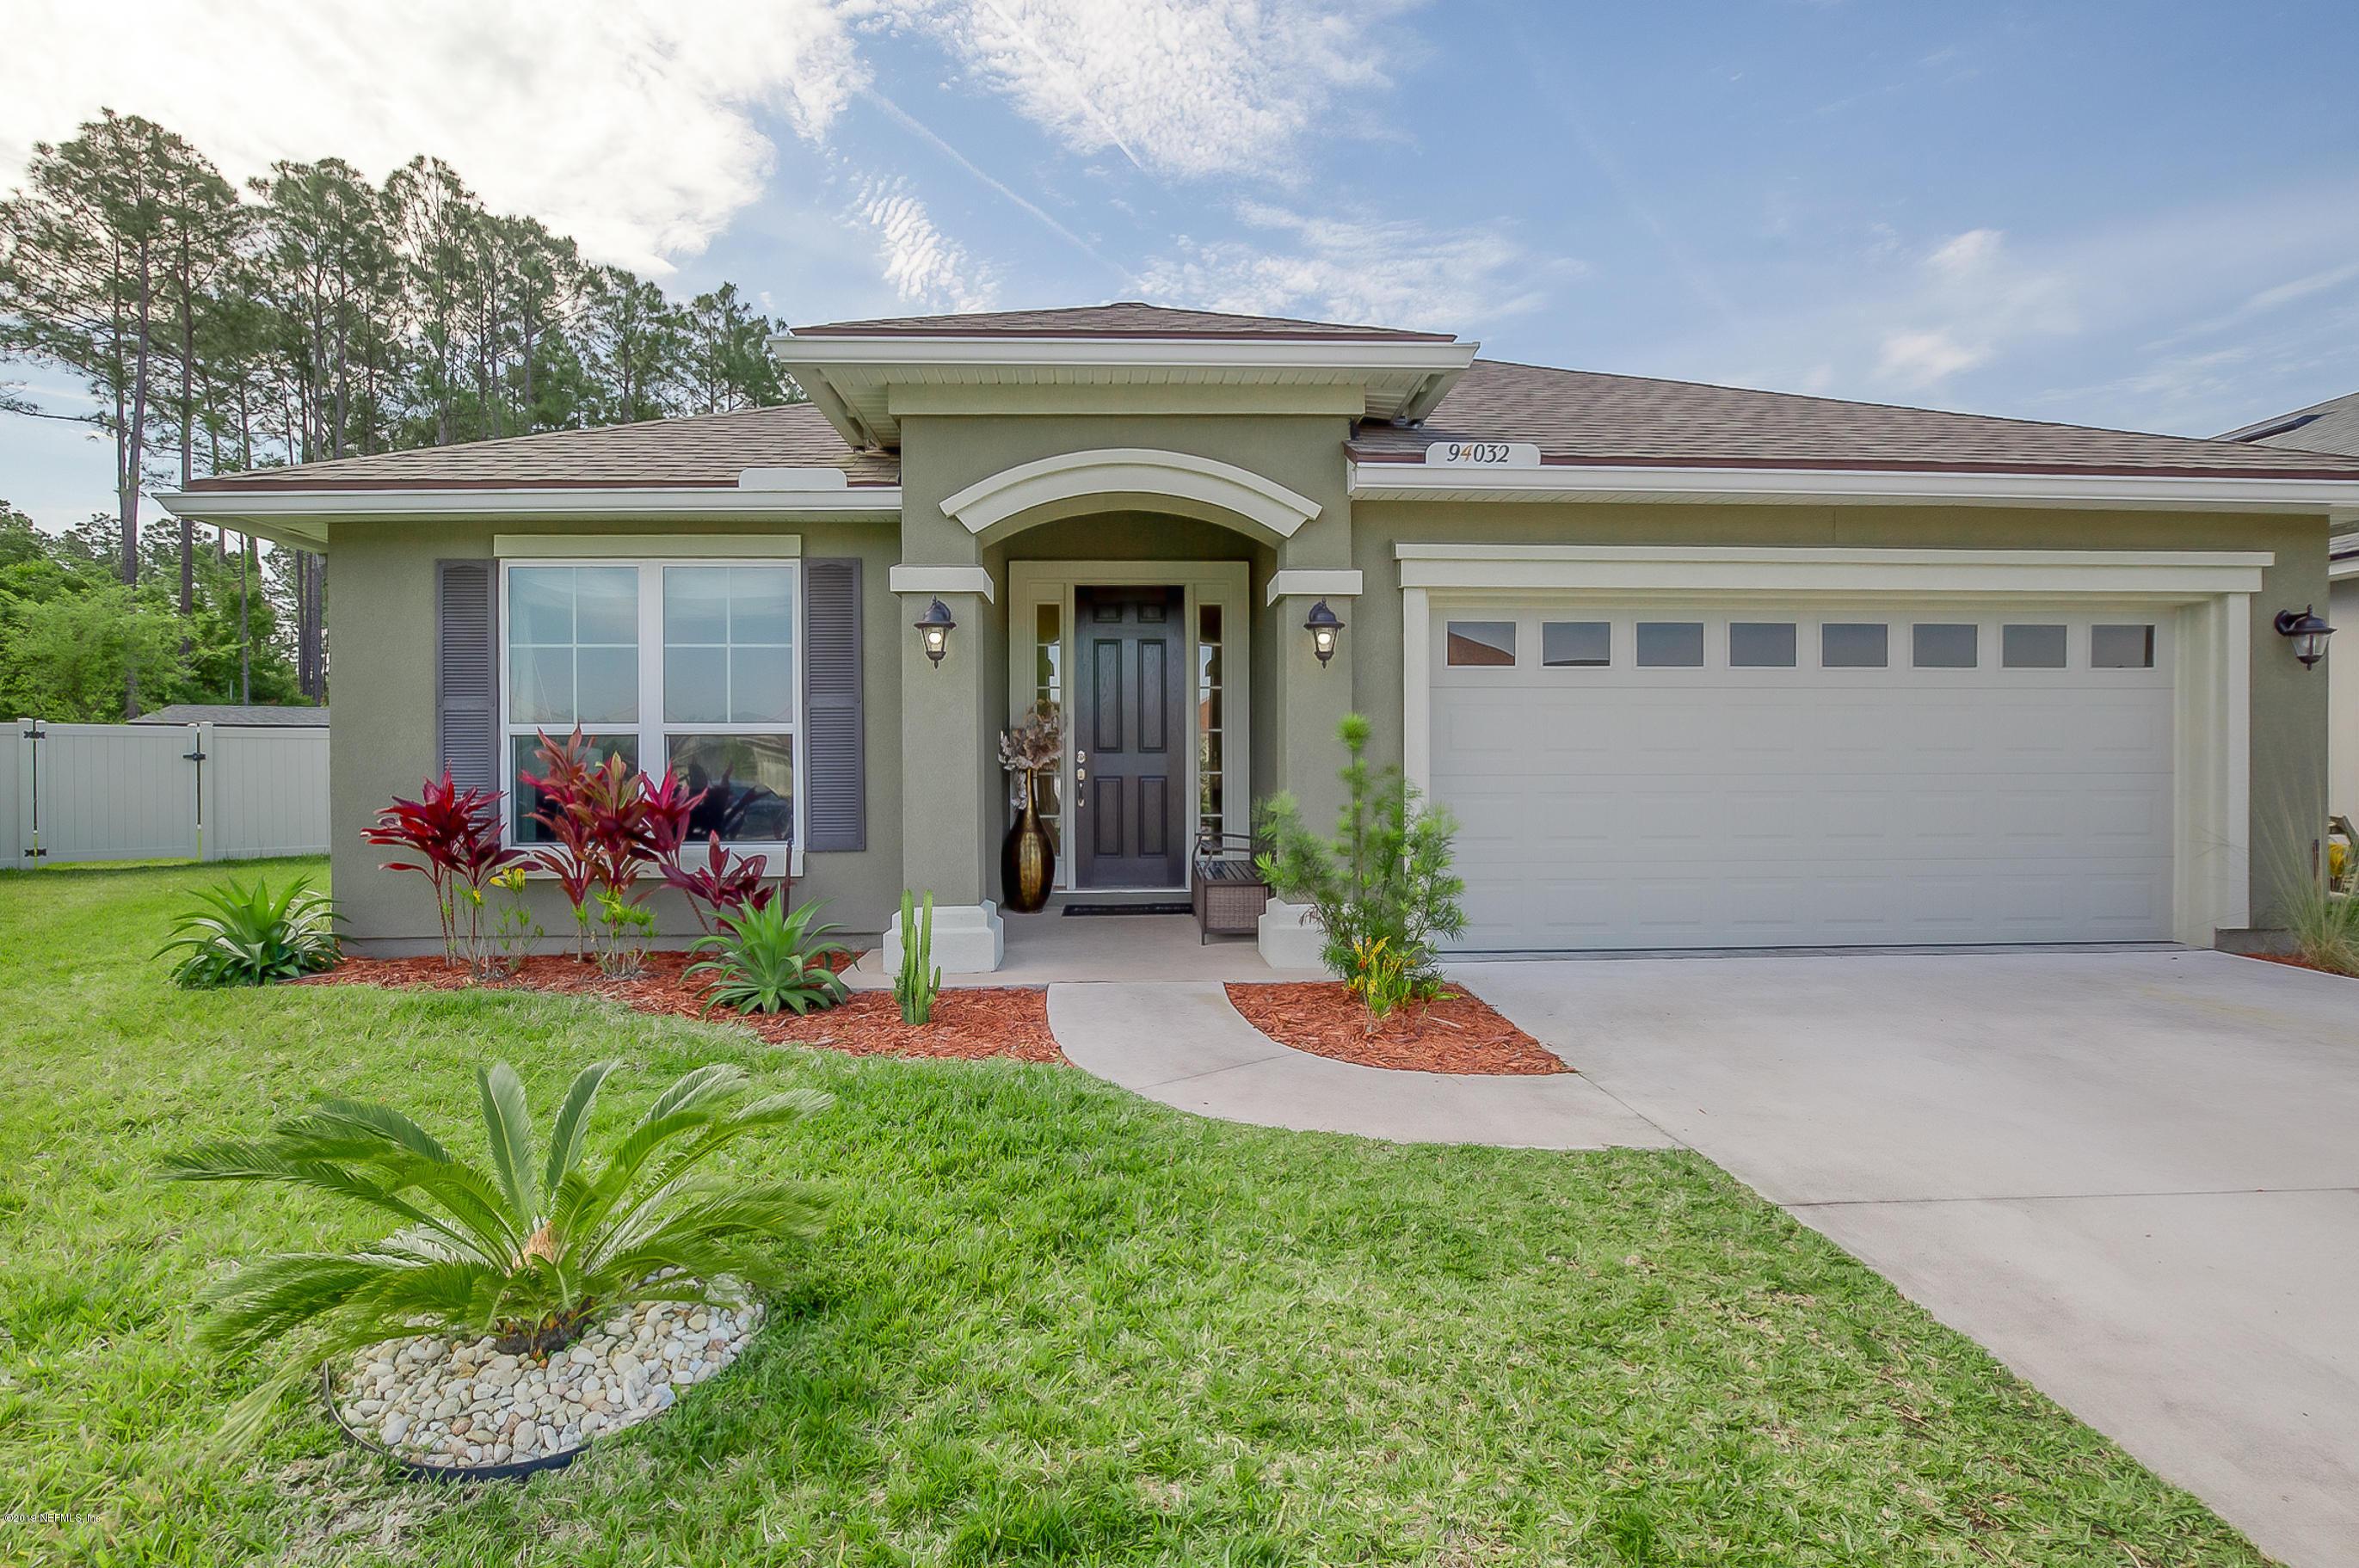 94032 WOODBRIER CIR, FERNANDINA BEACH, FLORIDA